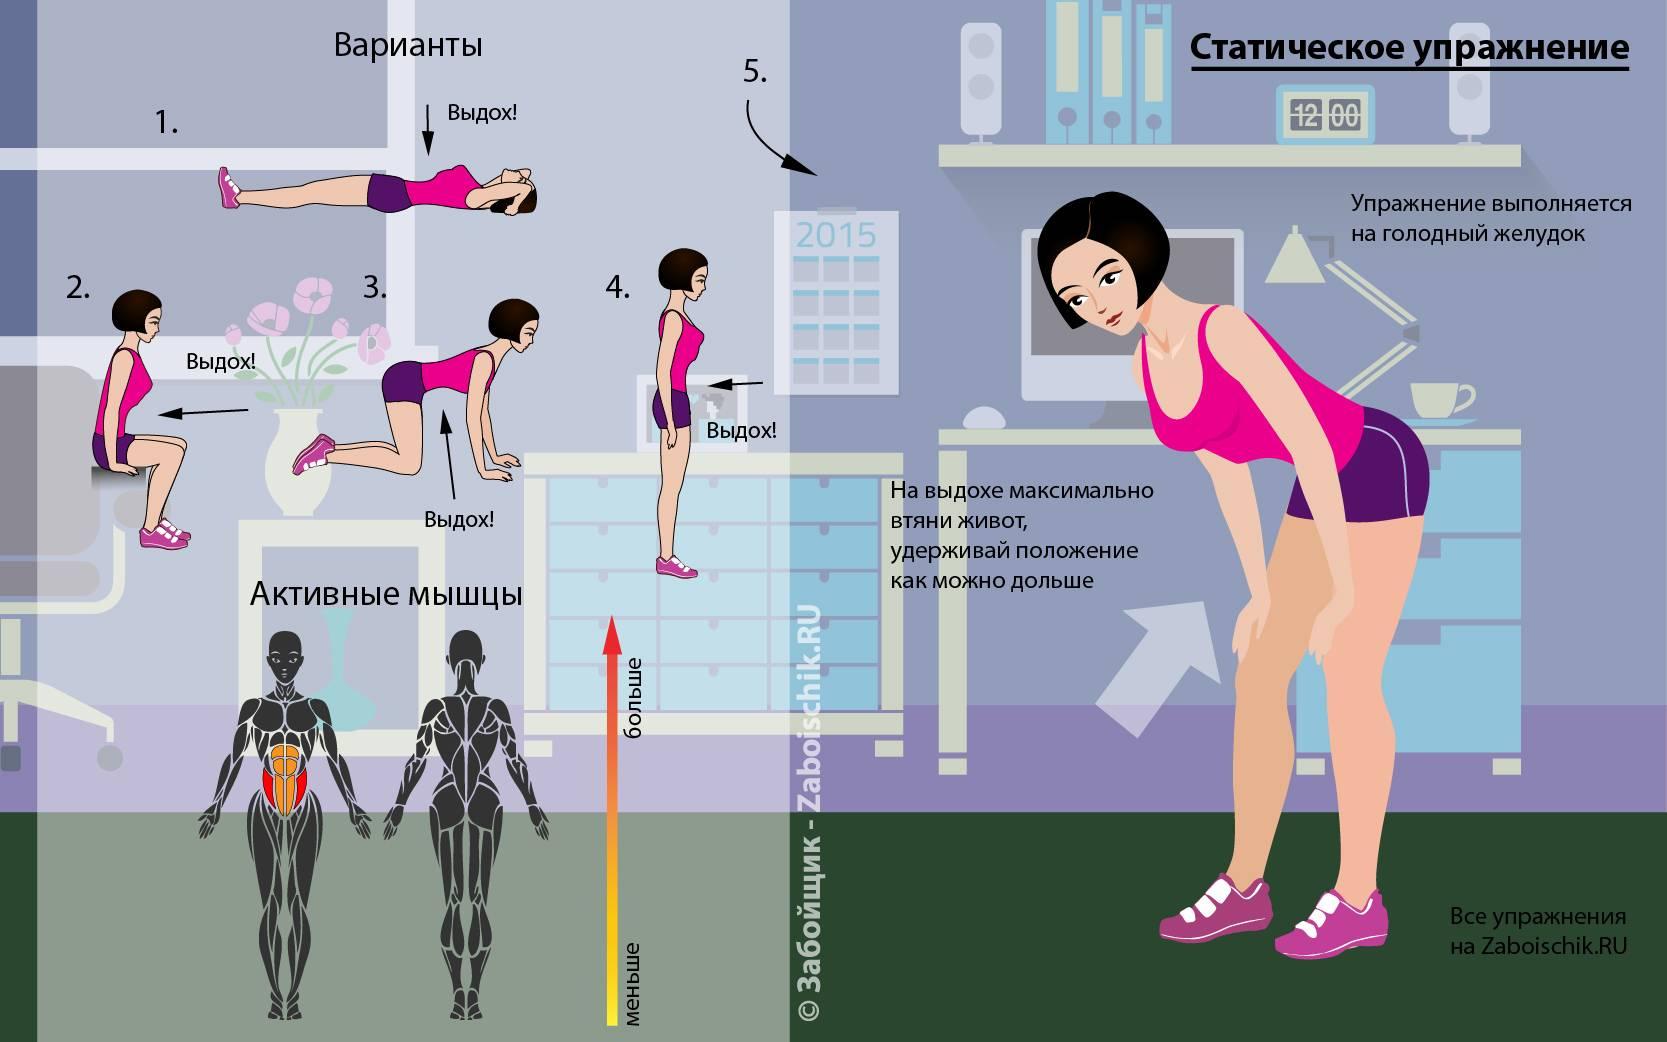 Как сделать плоский живот за месяц с помощью упражнения «вакуум»